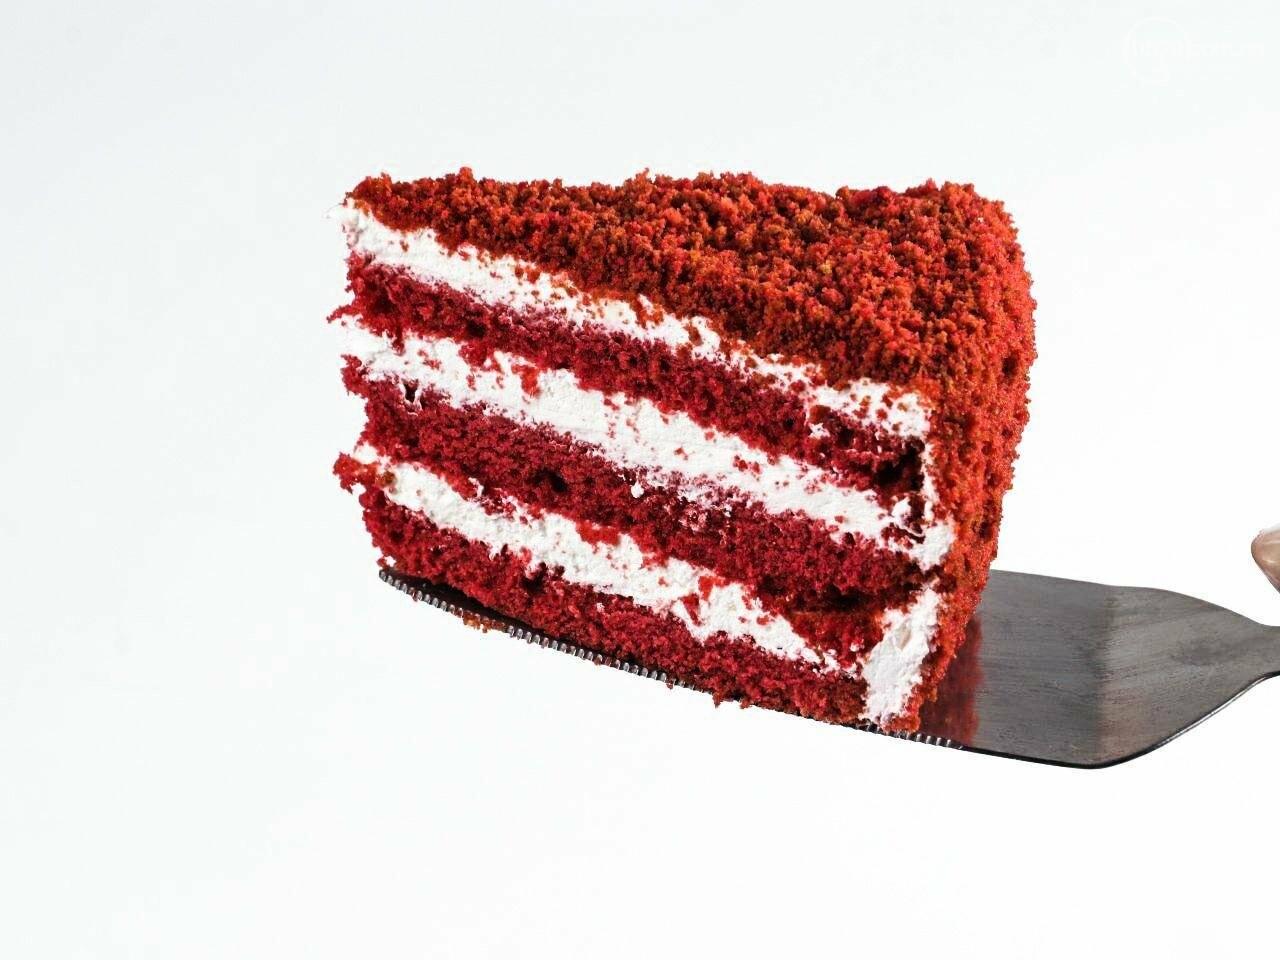 Вкуснейшие торты с доставкой по Мариуполю в течение 60 минут! LA ROCHELLE запускает интернет-магазин!, фото-15